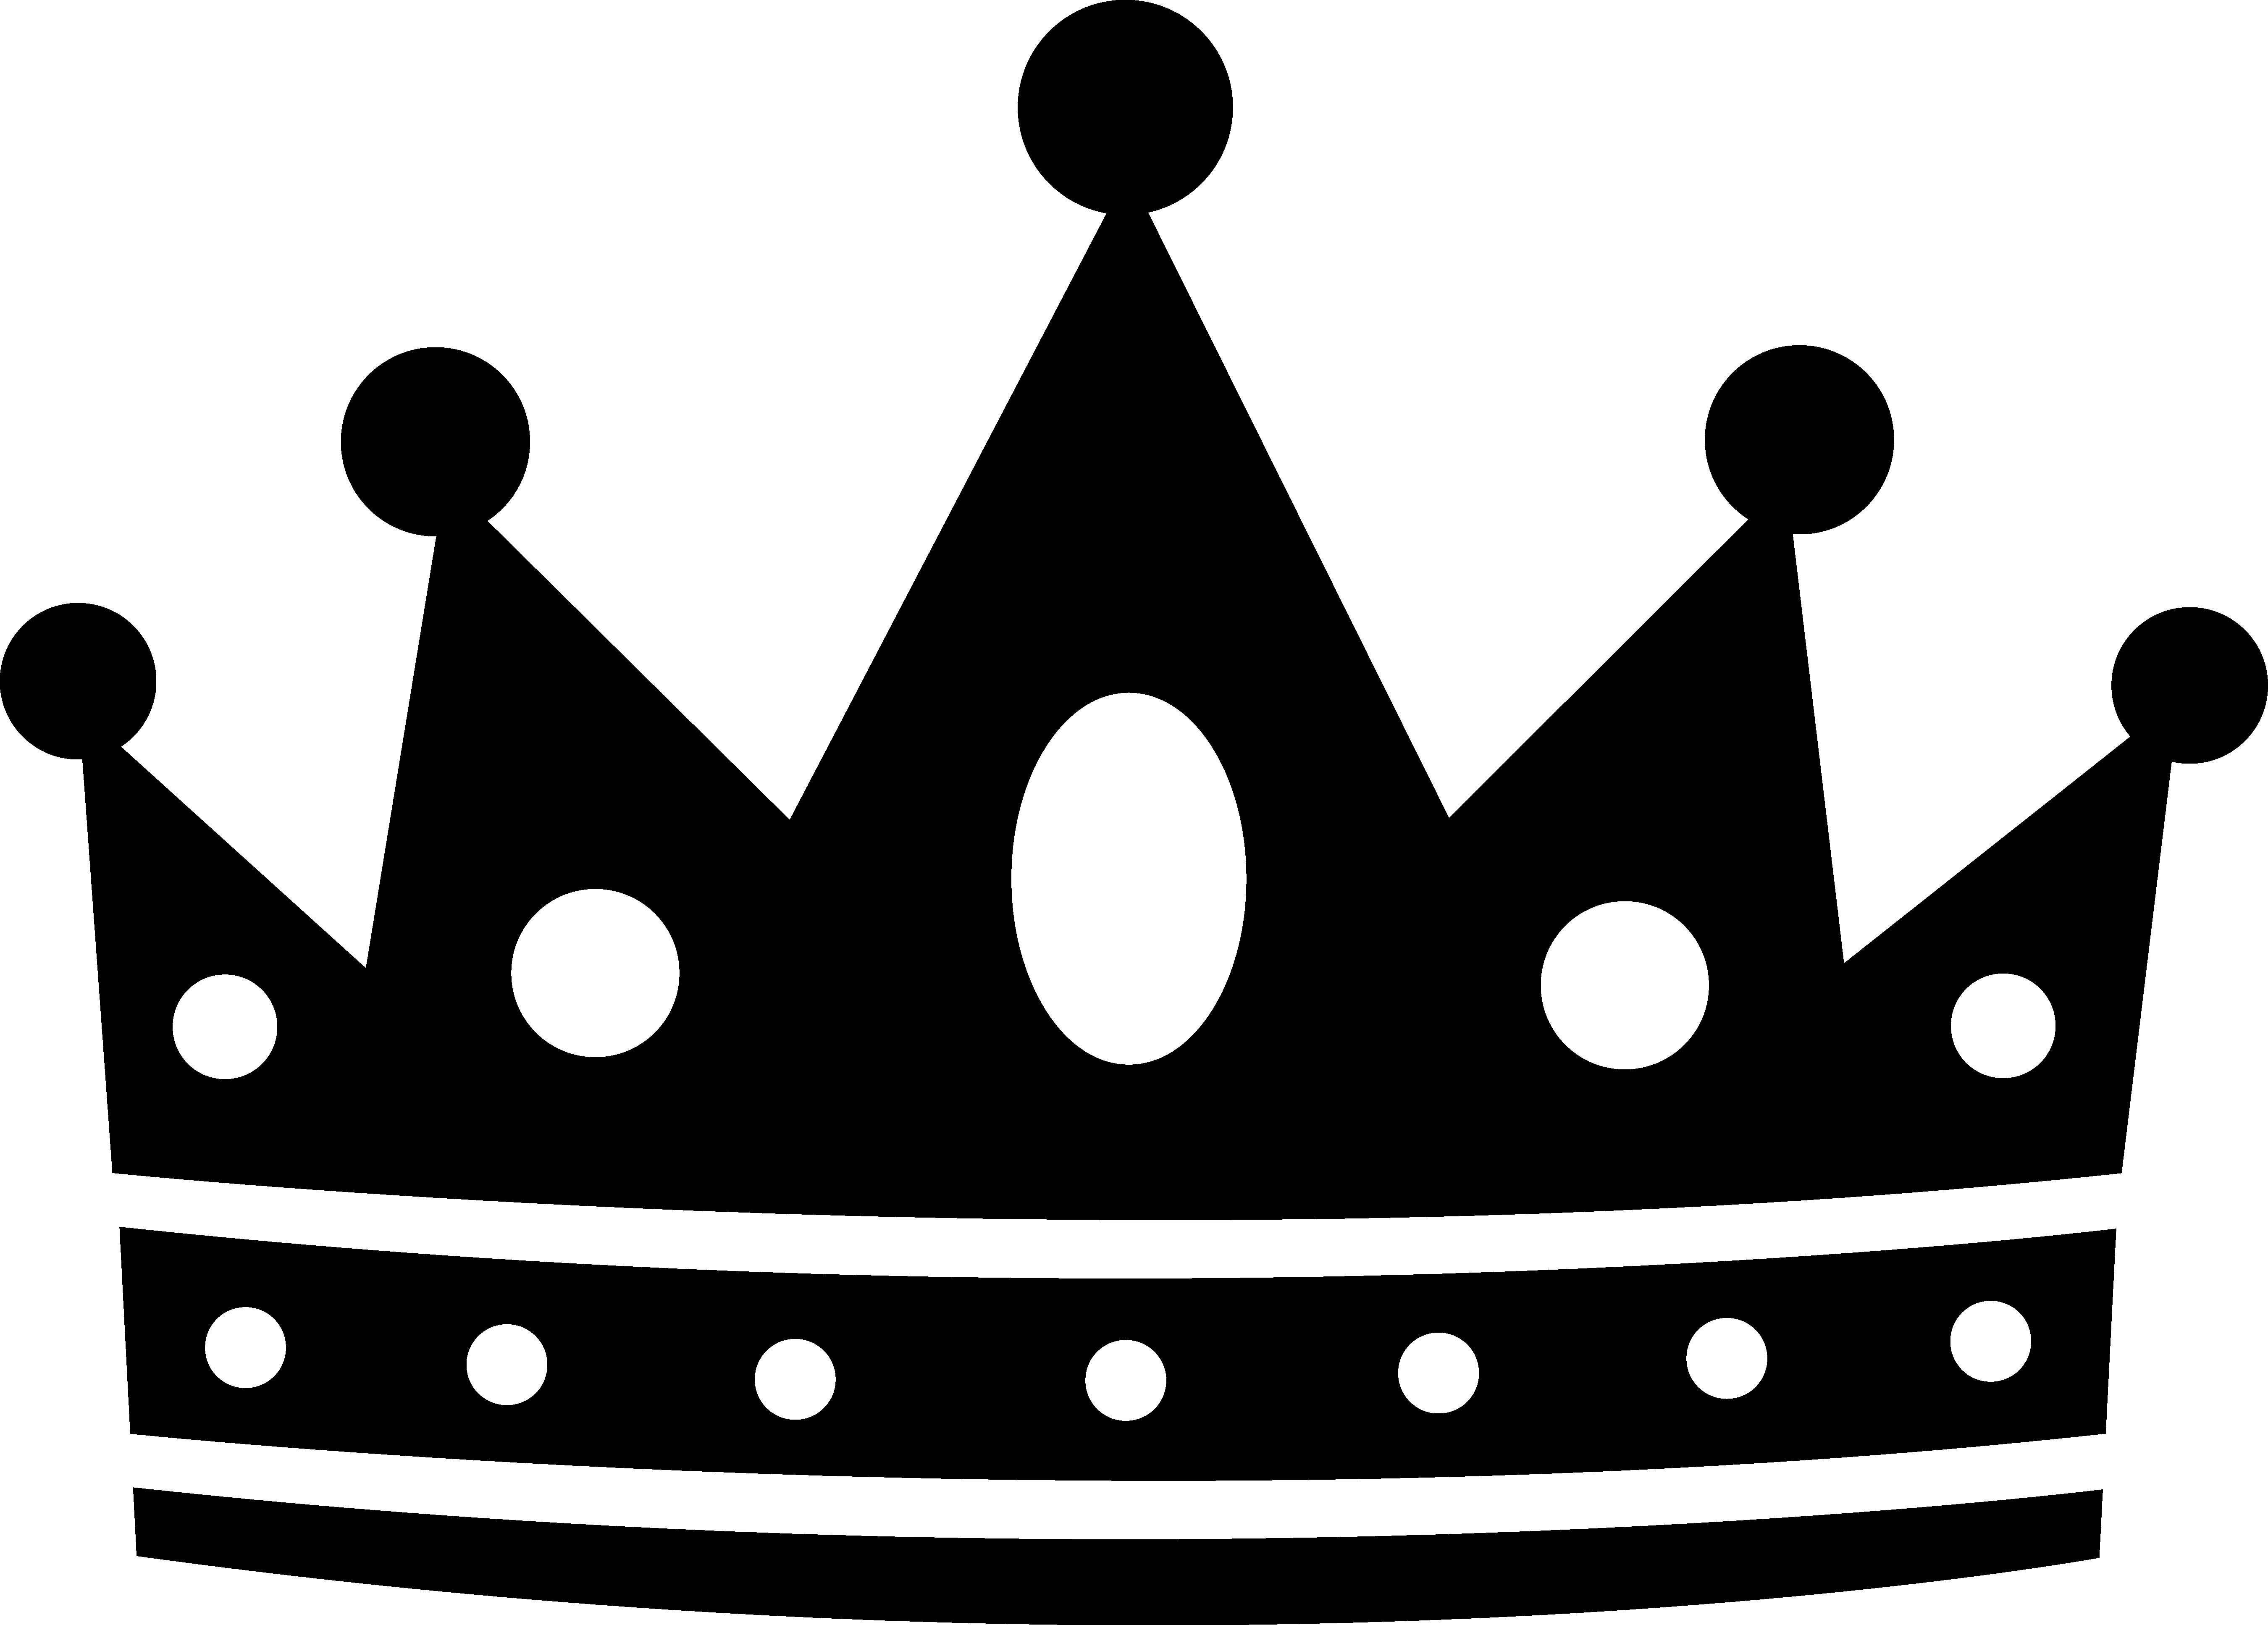 Queen clipart black beauty #6